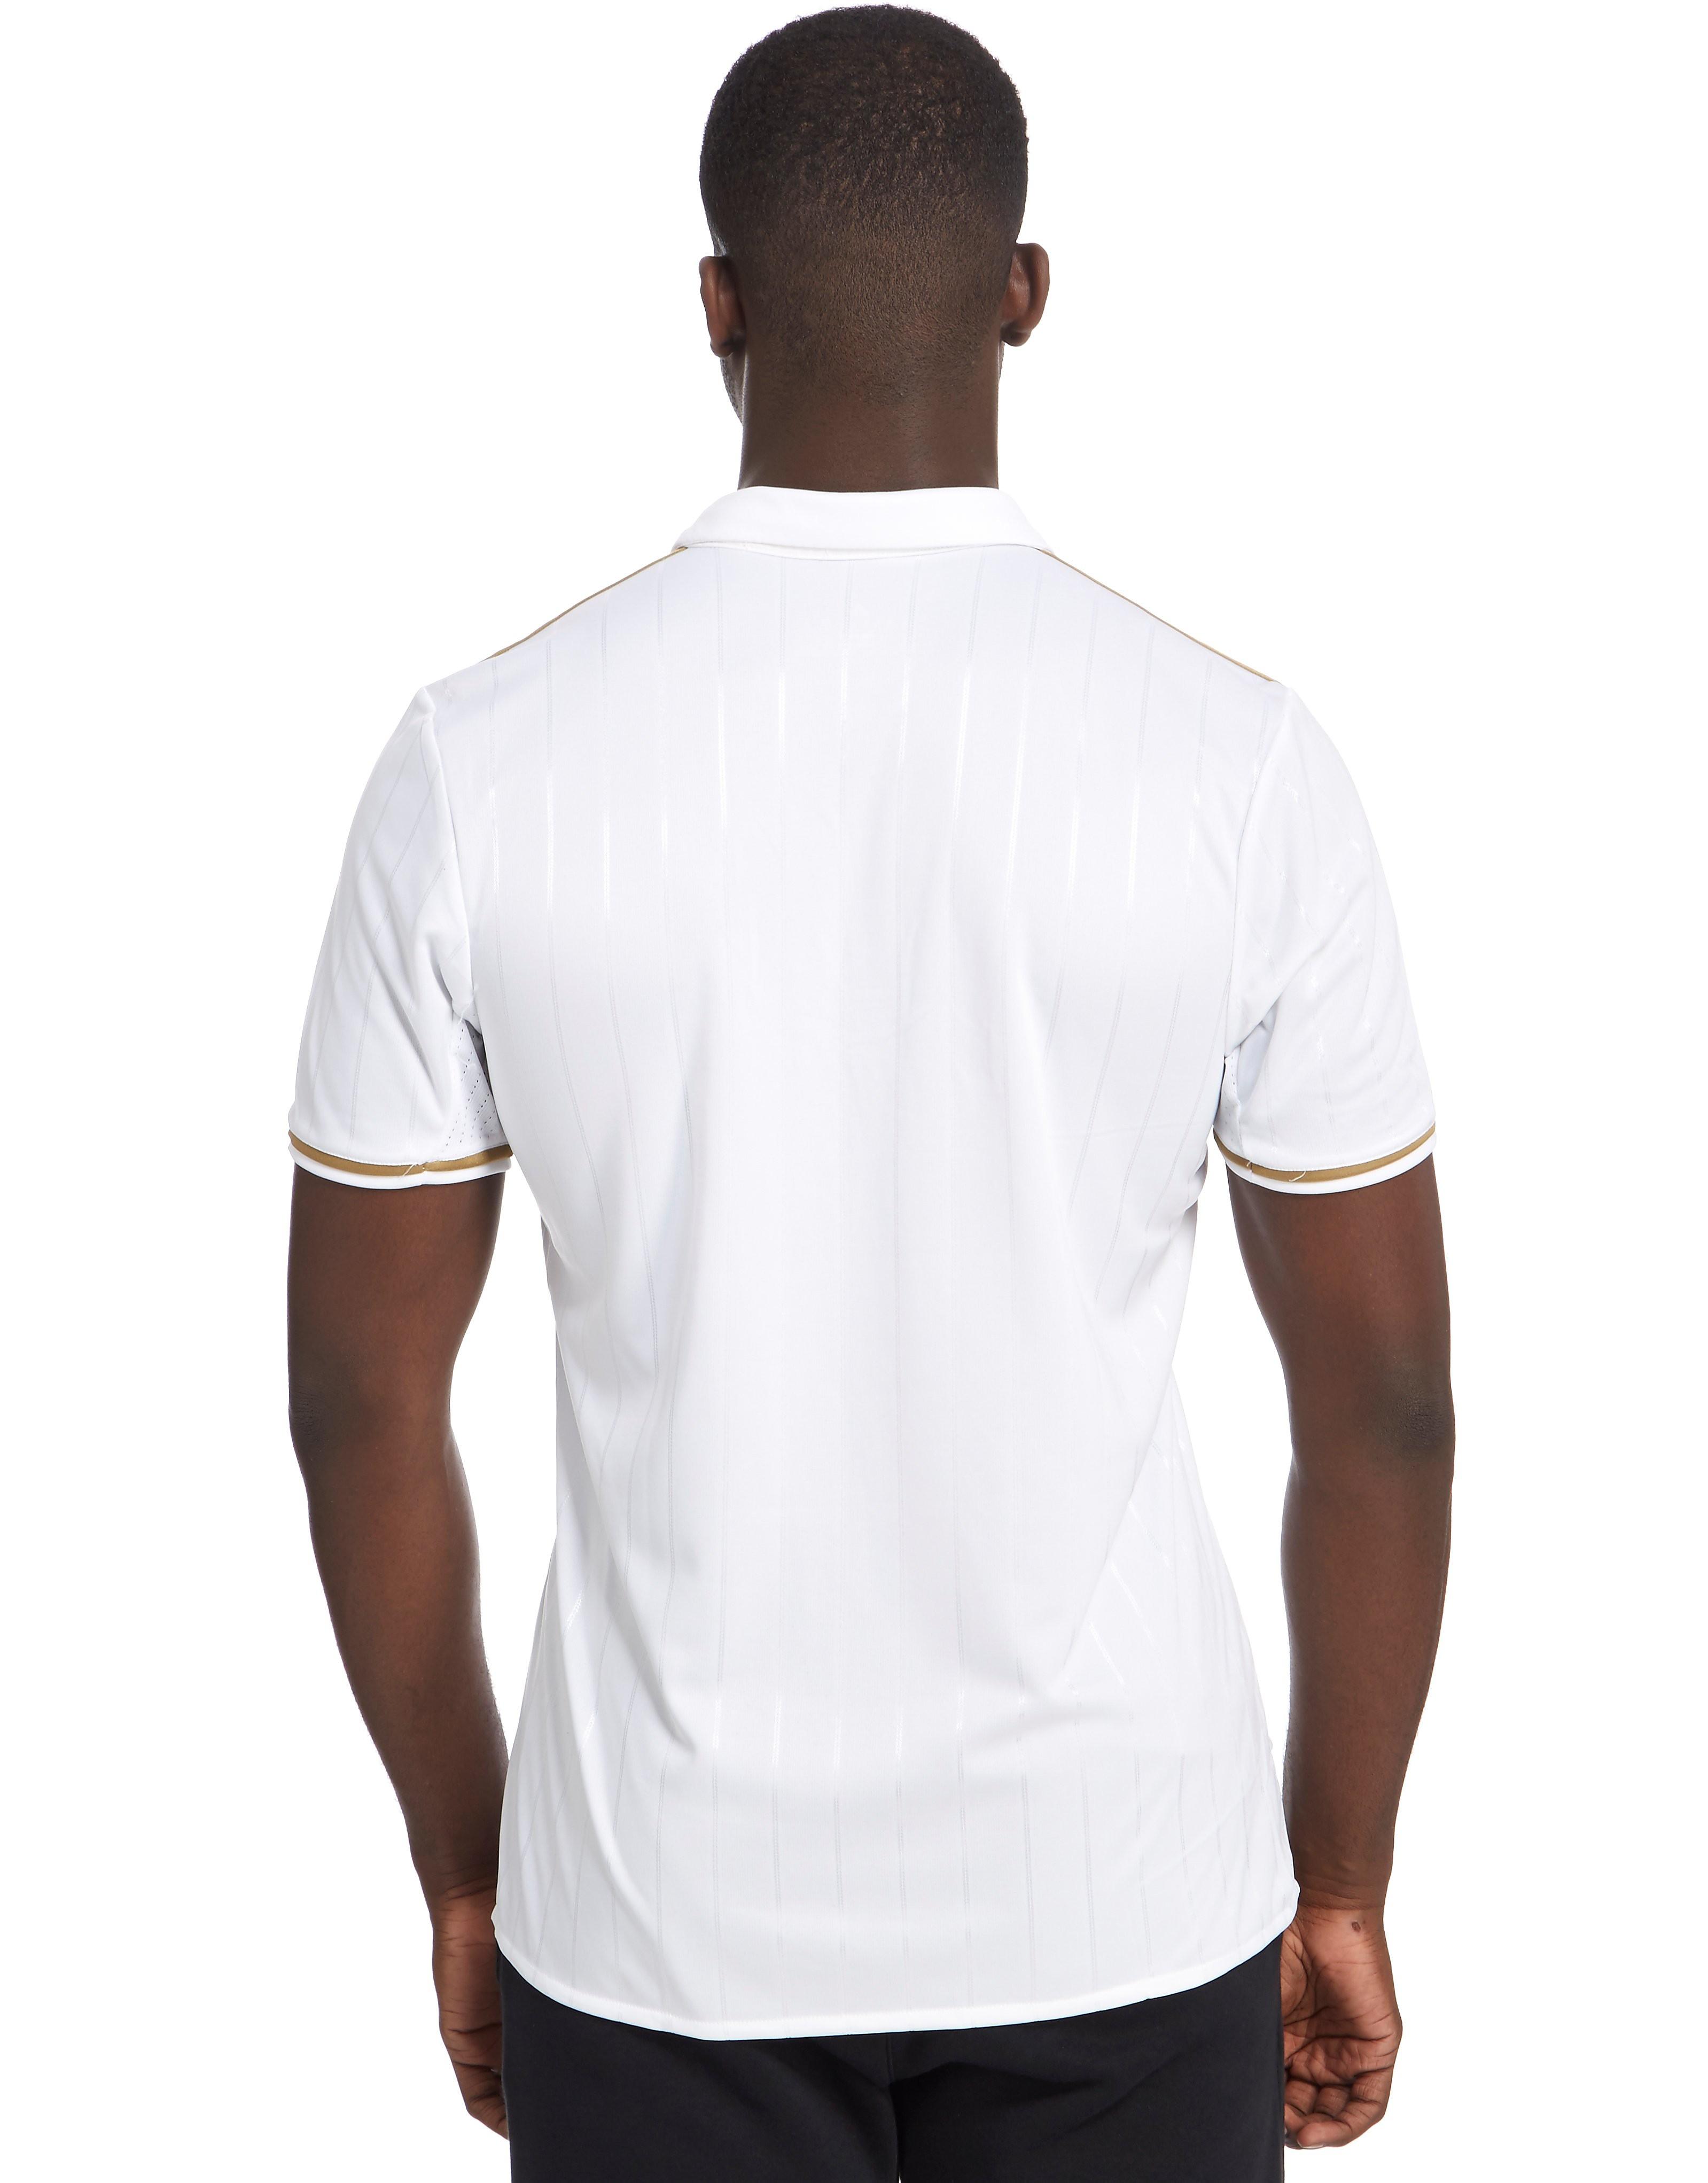 adidas AC Milan 2016/17 Away Shirt